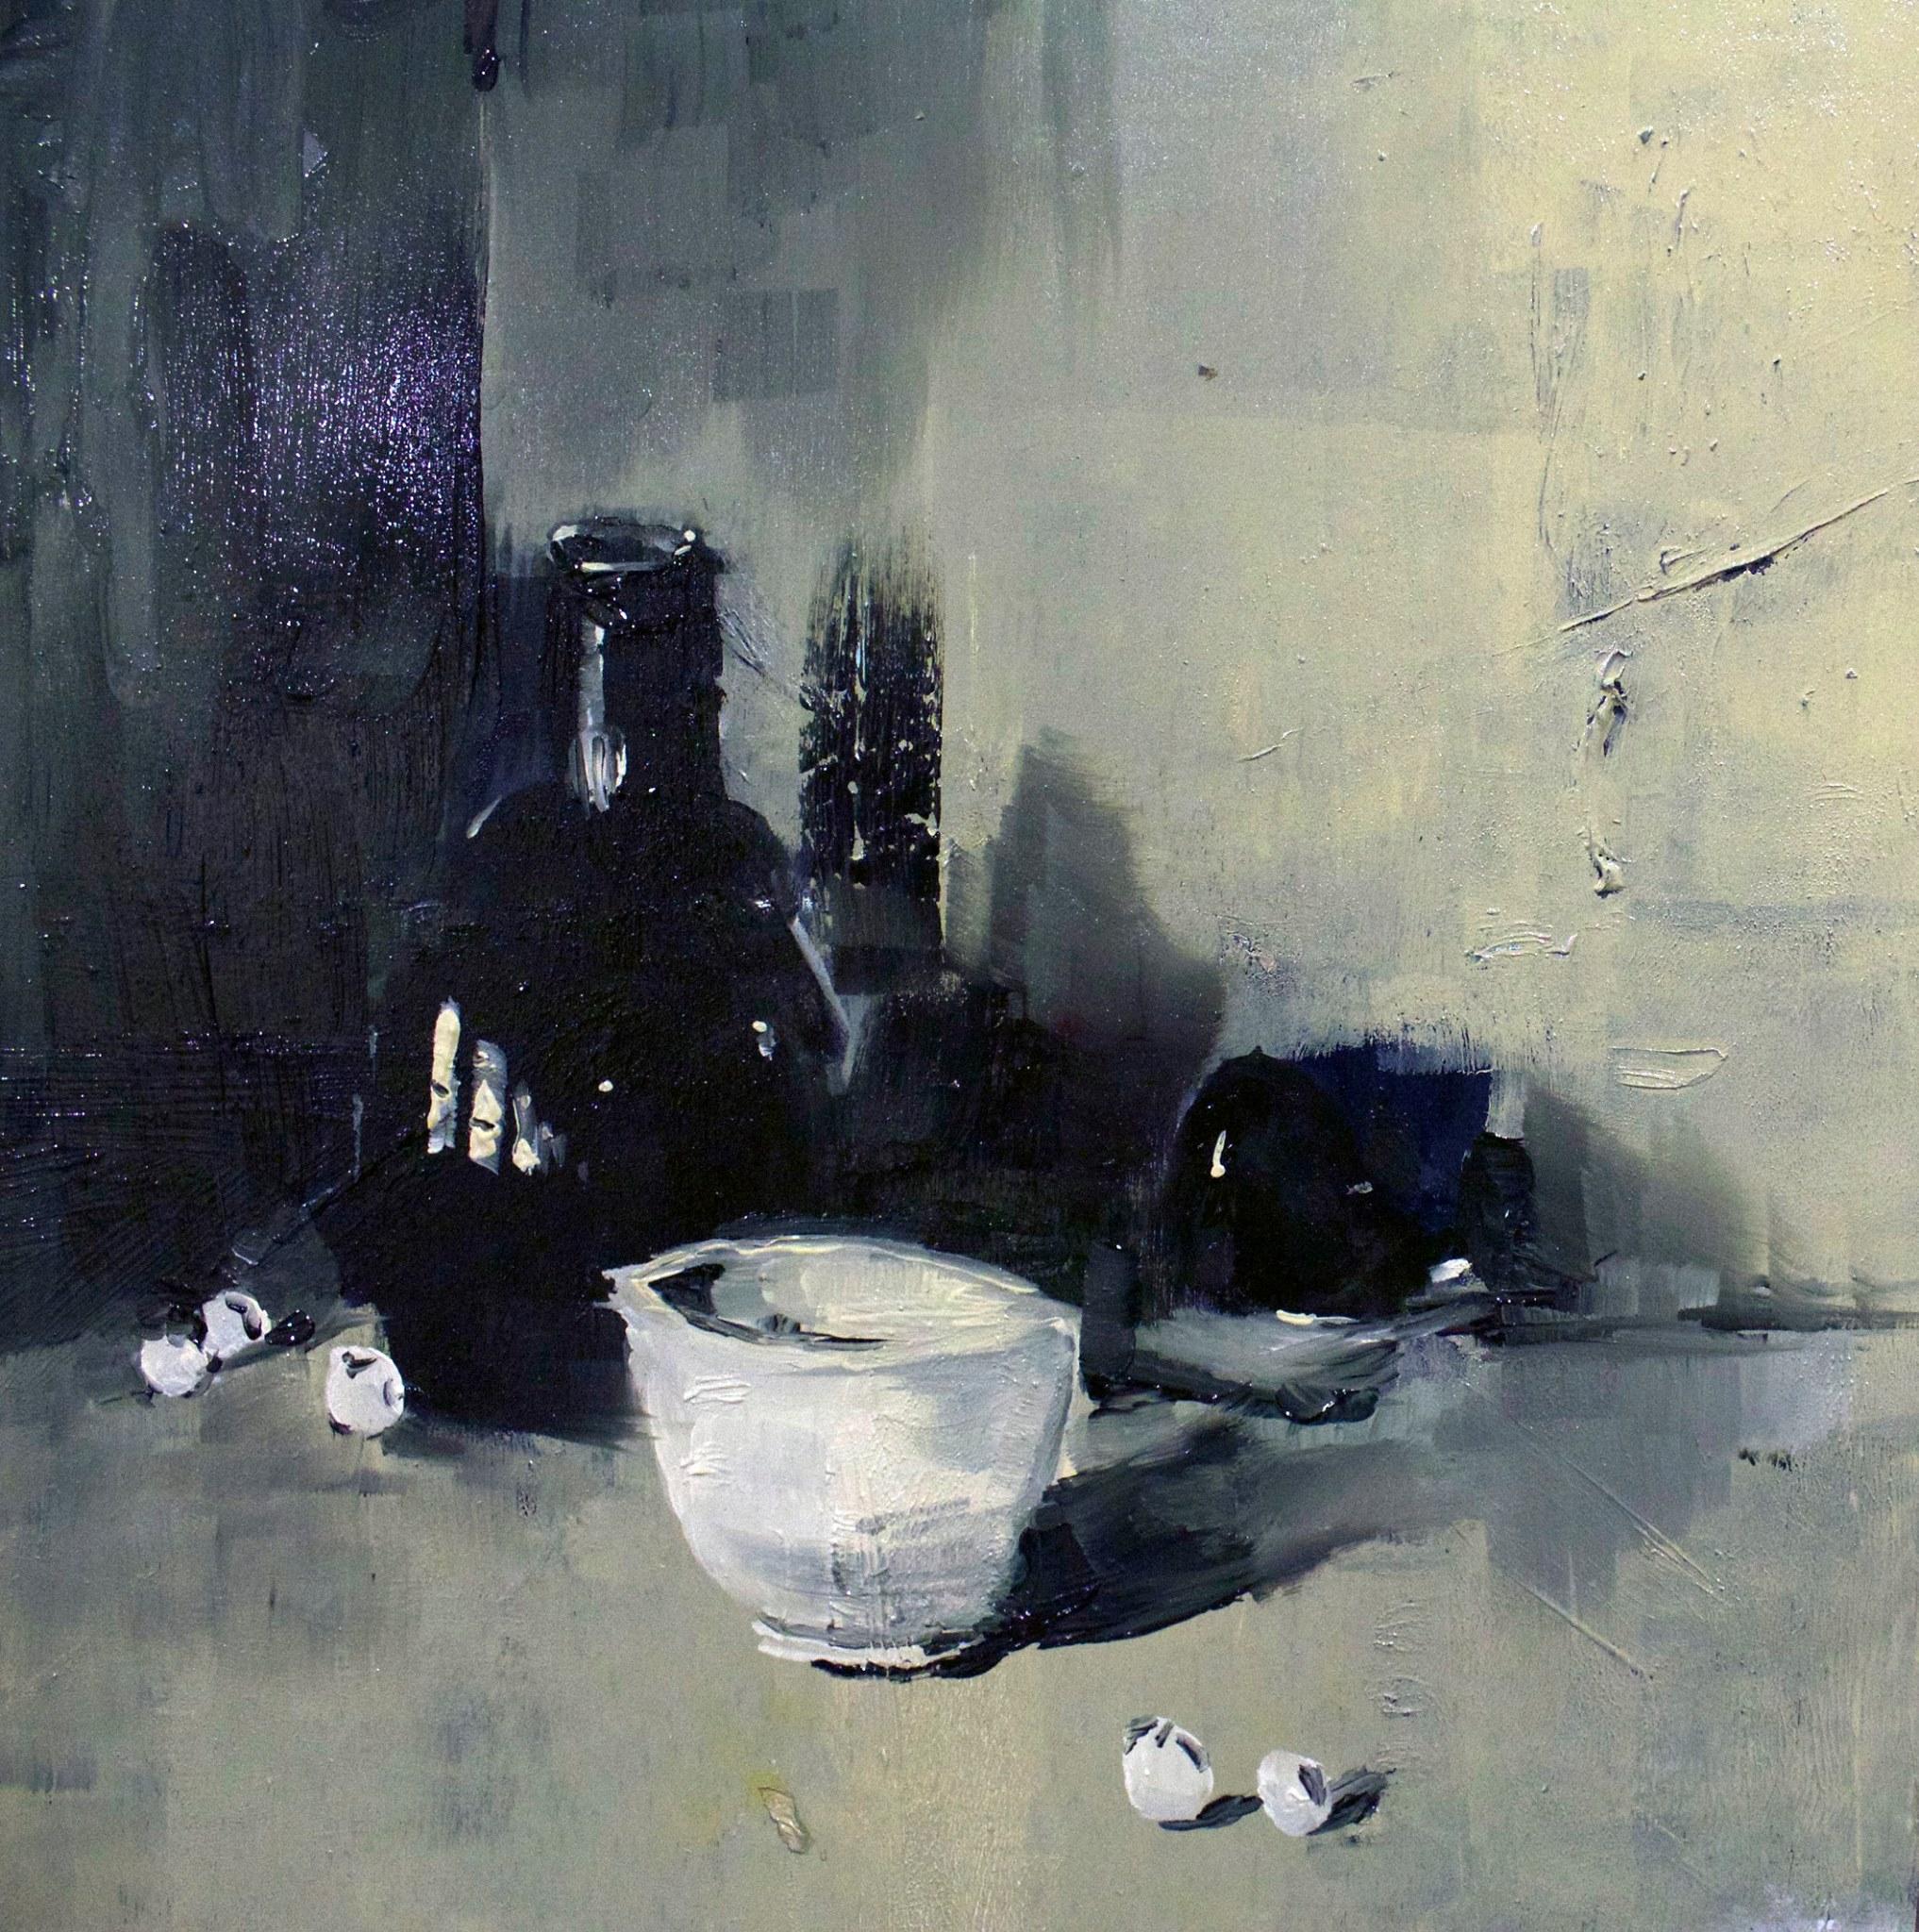 Still life study #04, Oil on panel 07 Nov 2016